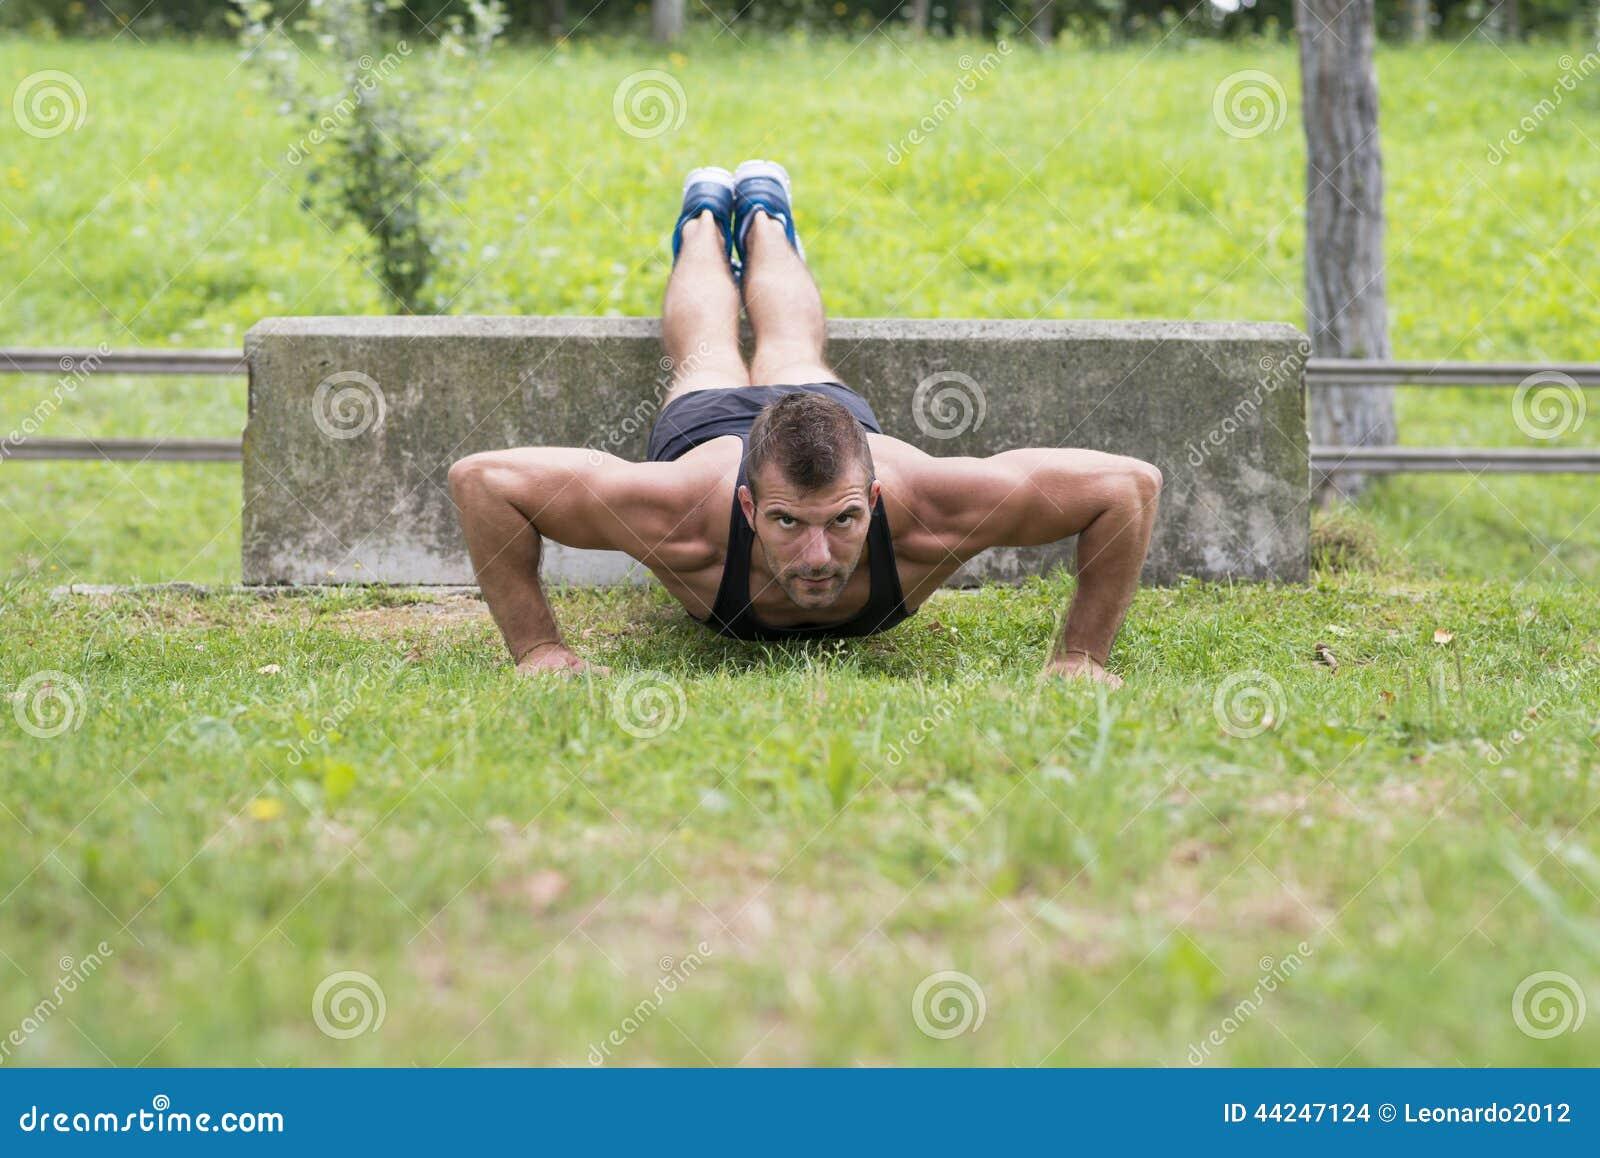 Атлетический человек делать нажимает поднимает, внешний